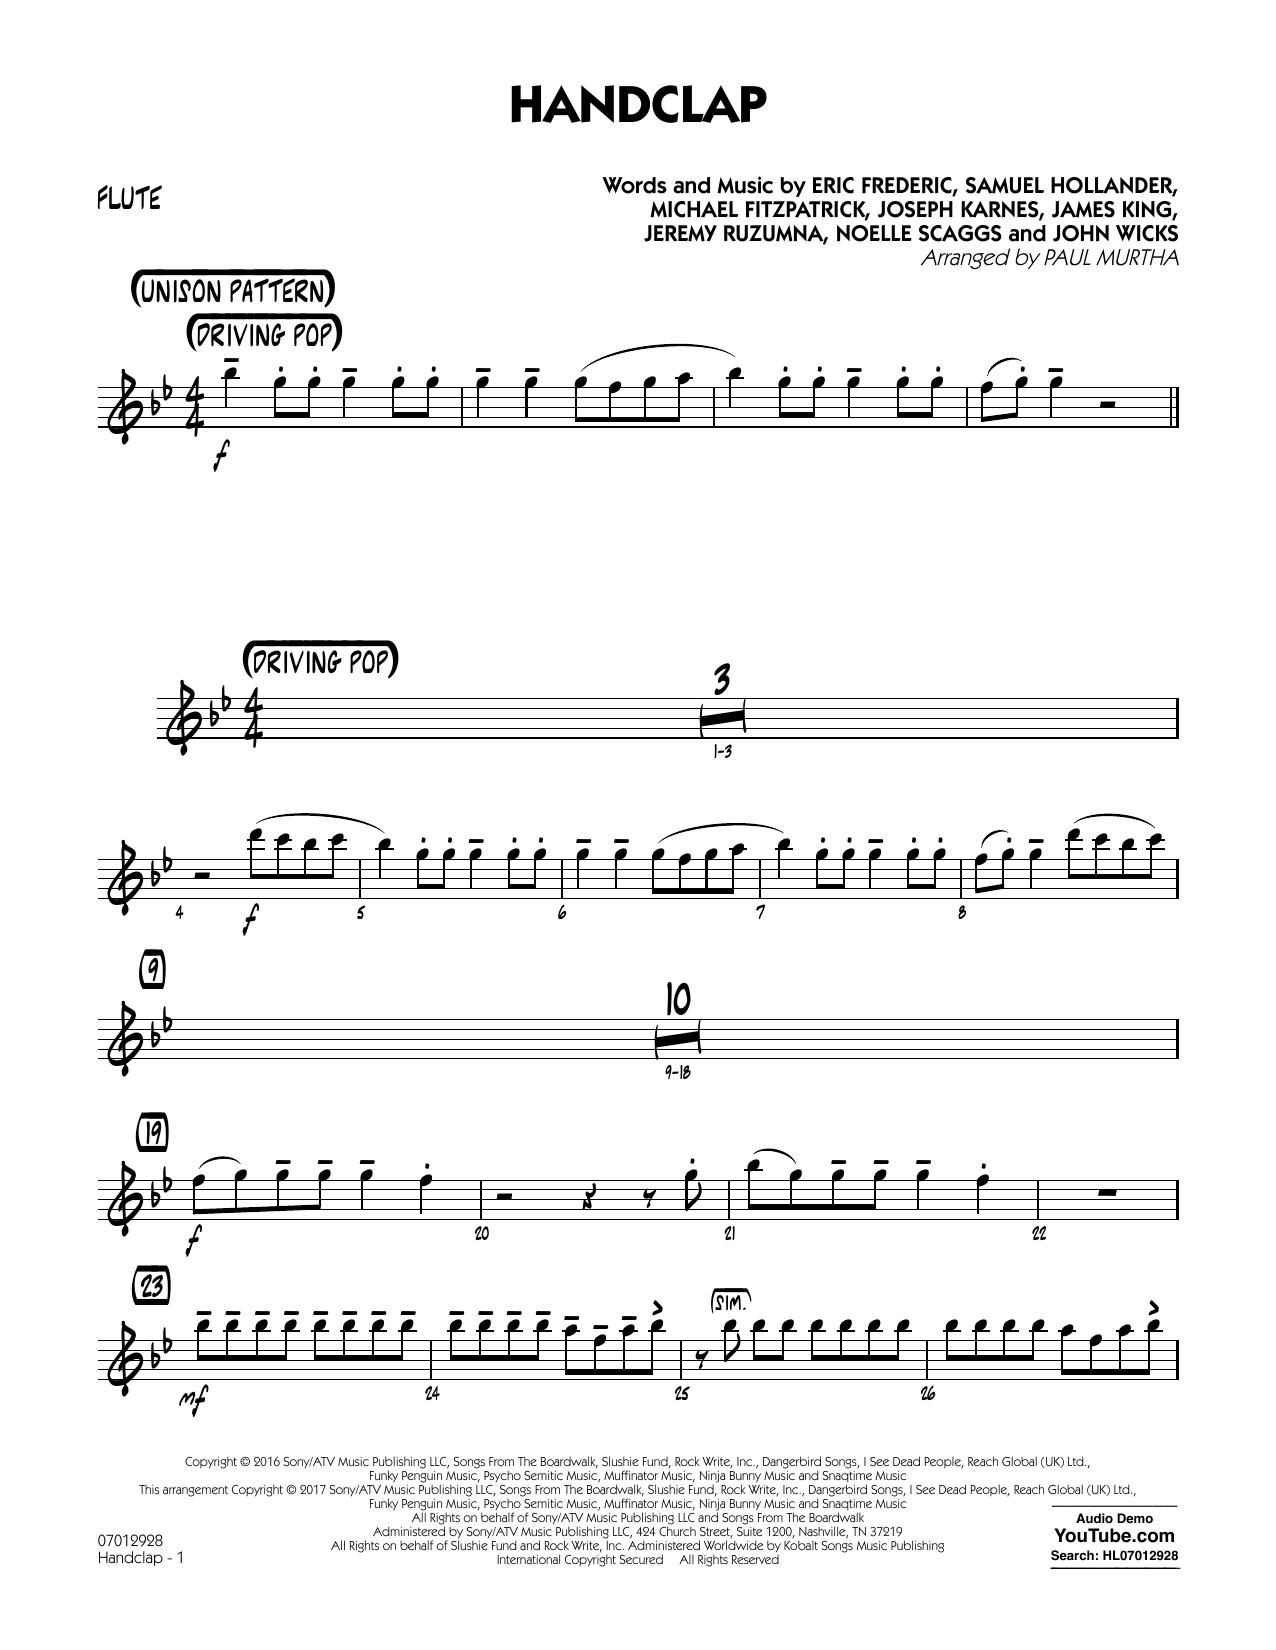 HandClap - Flute Partition Digitale